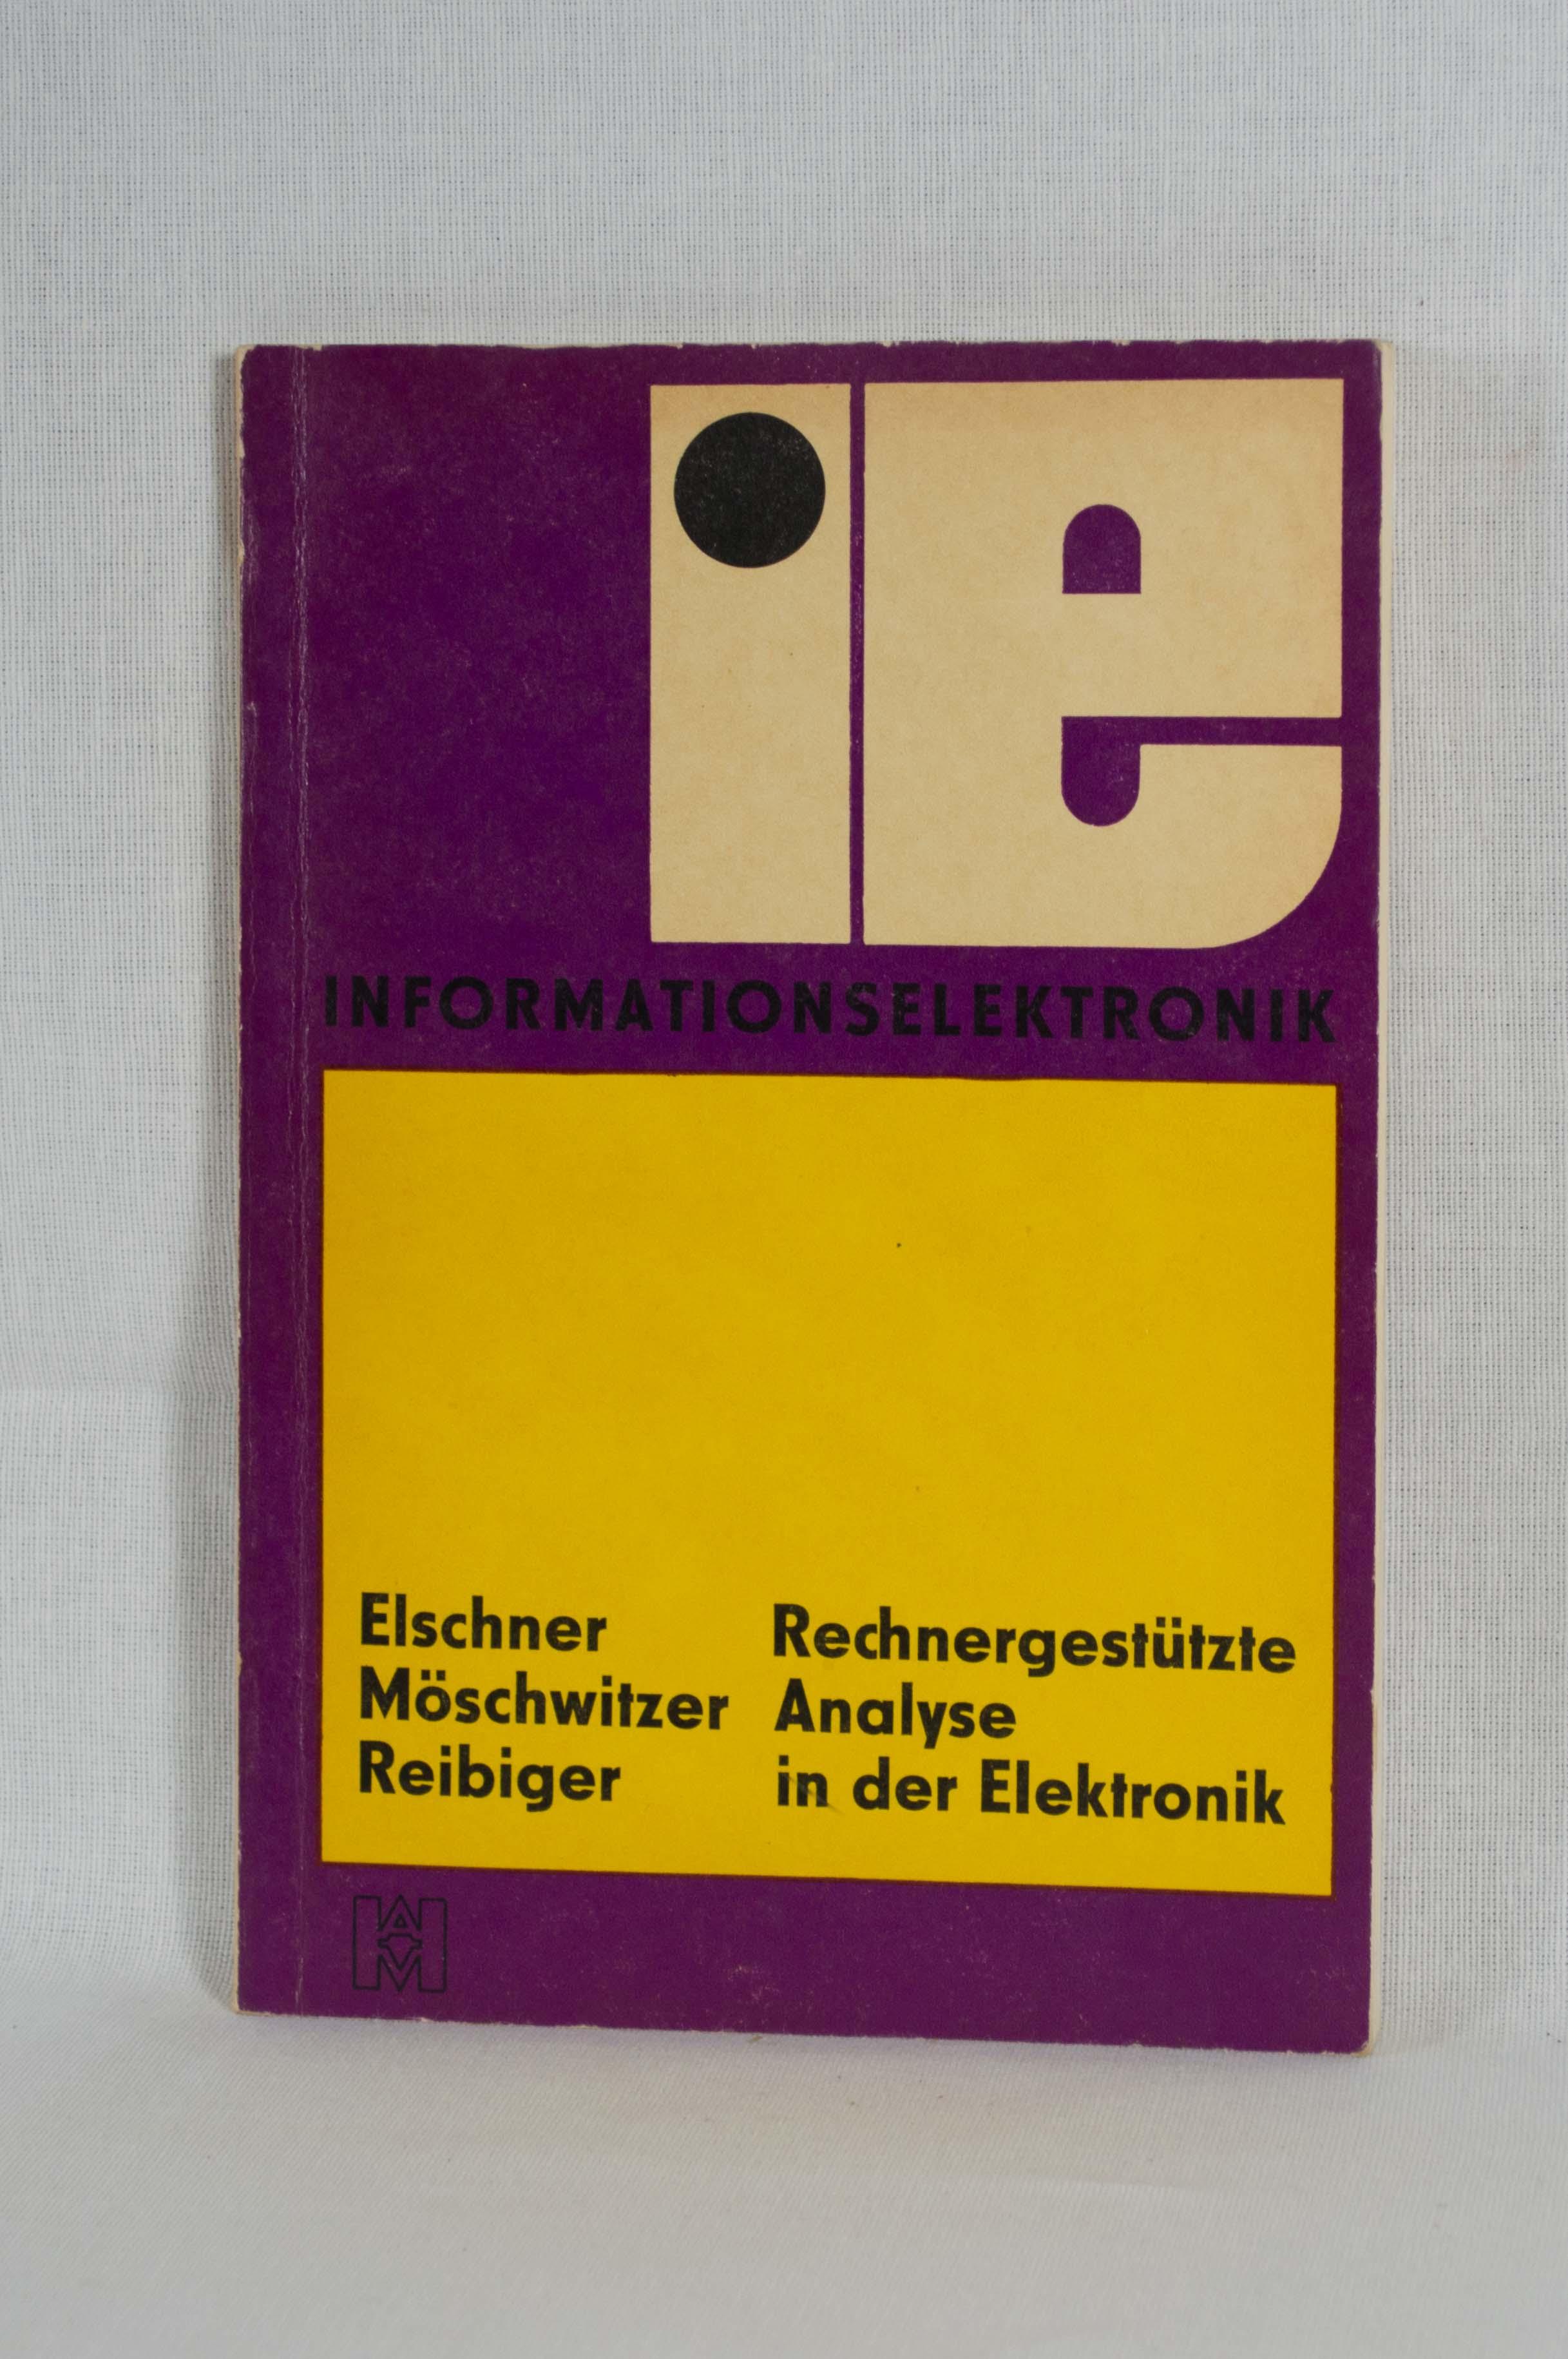 Rechnergestützte Analyse in der Elektronik. (= Informationselektronik).